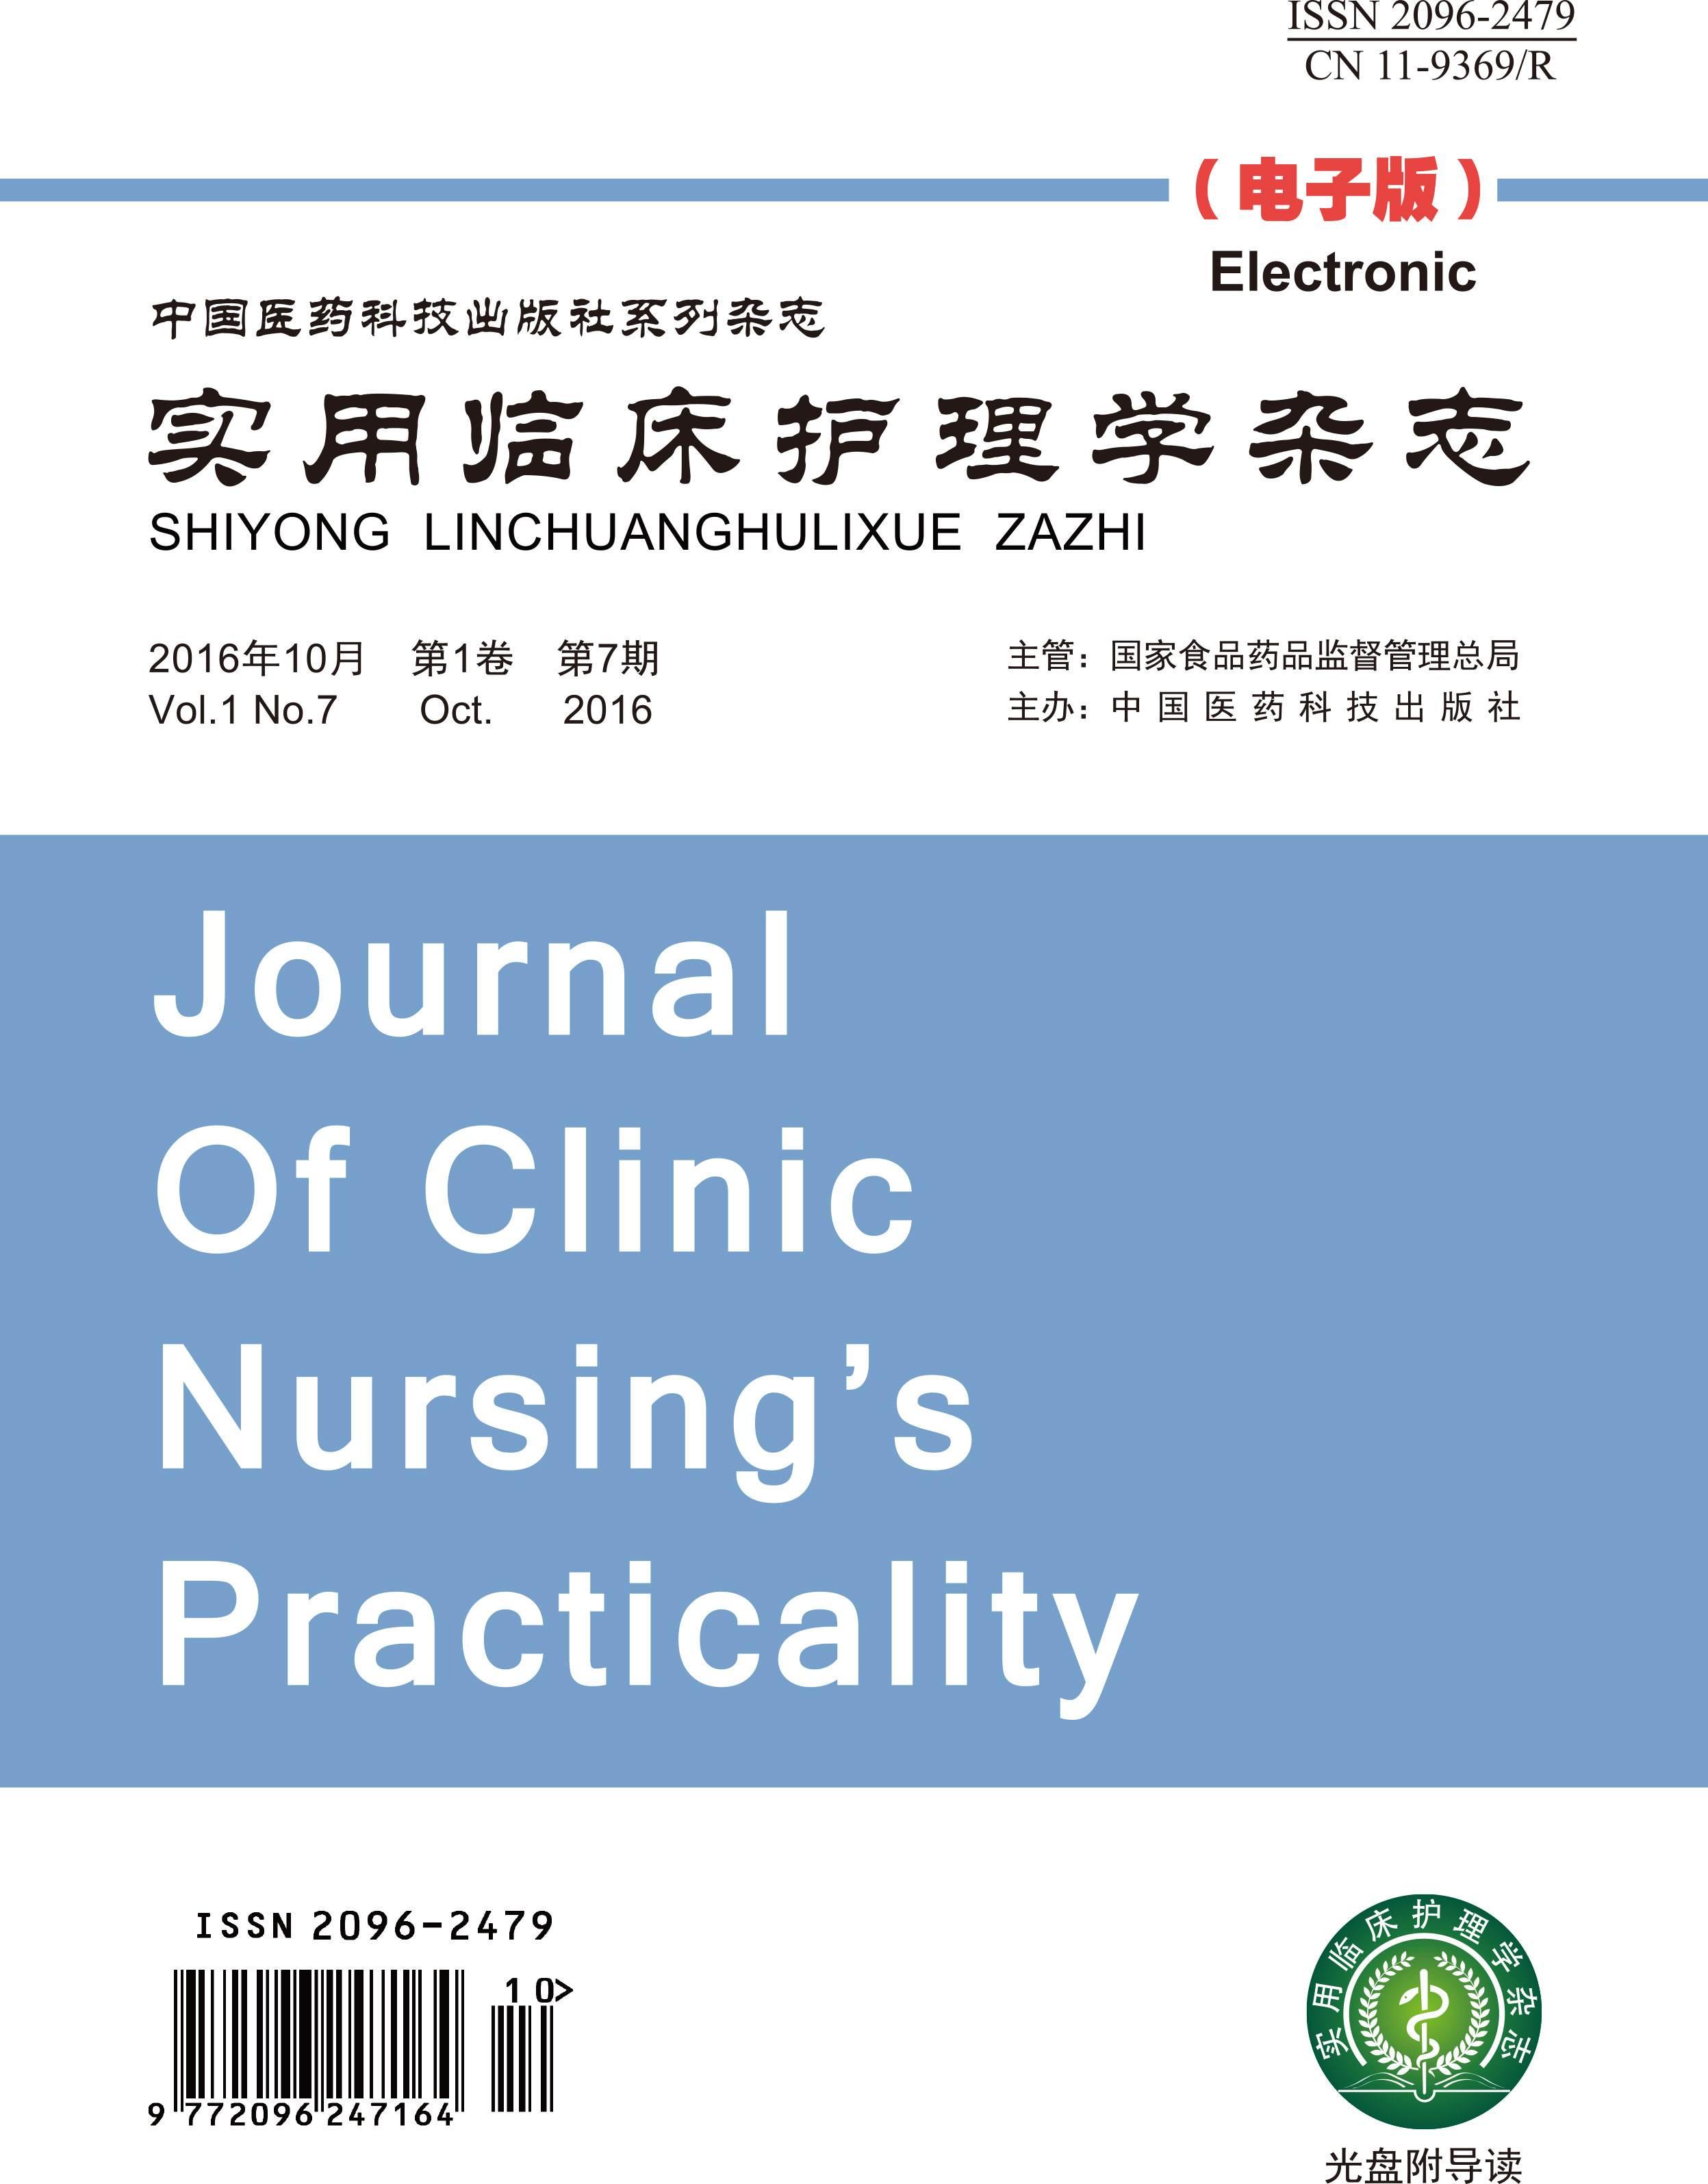 实用临床护理学杂志